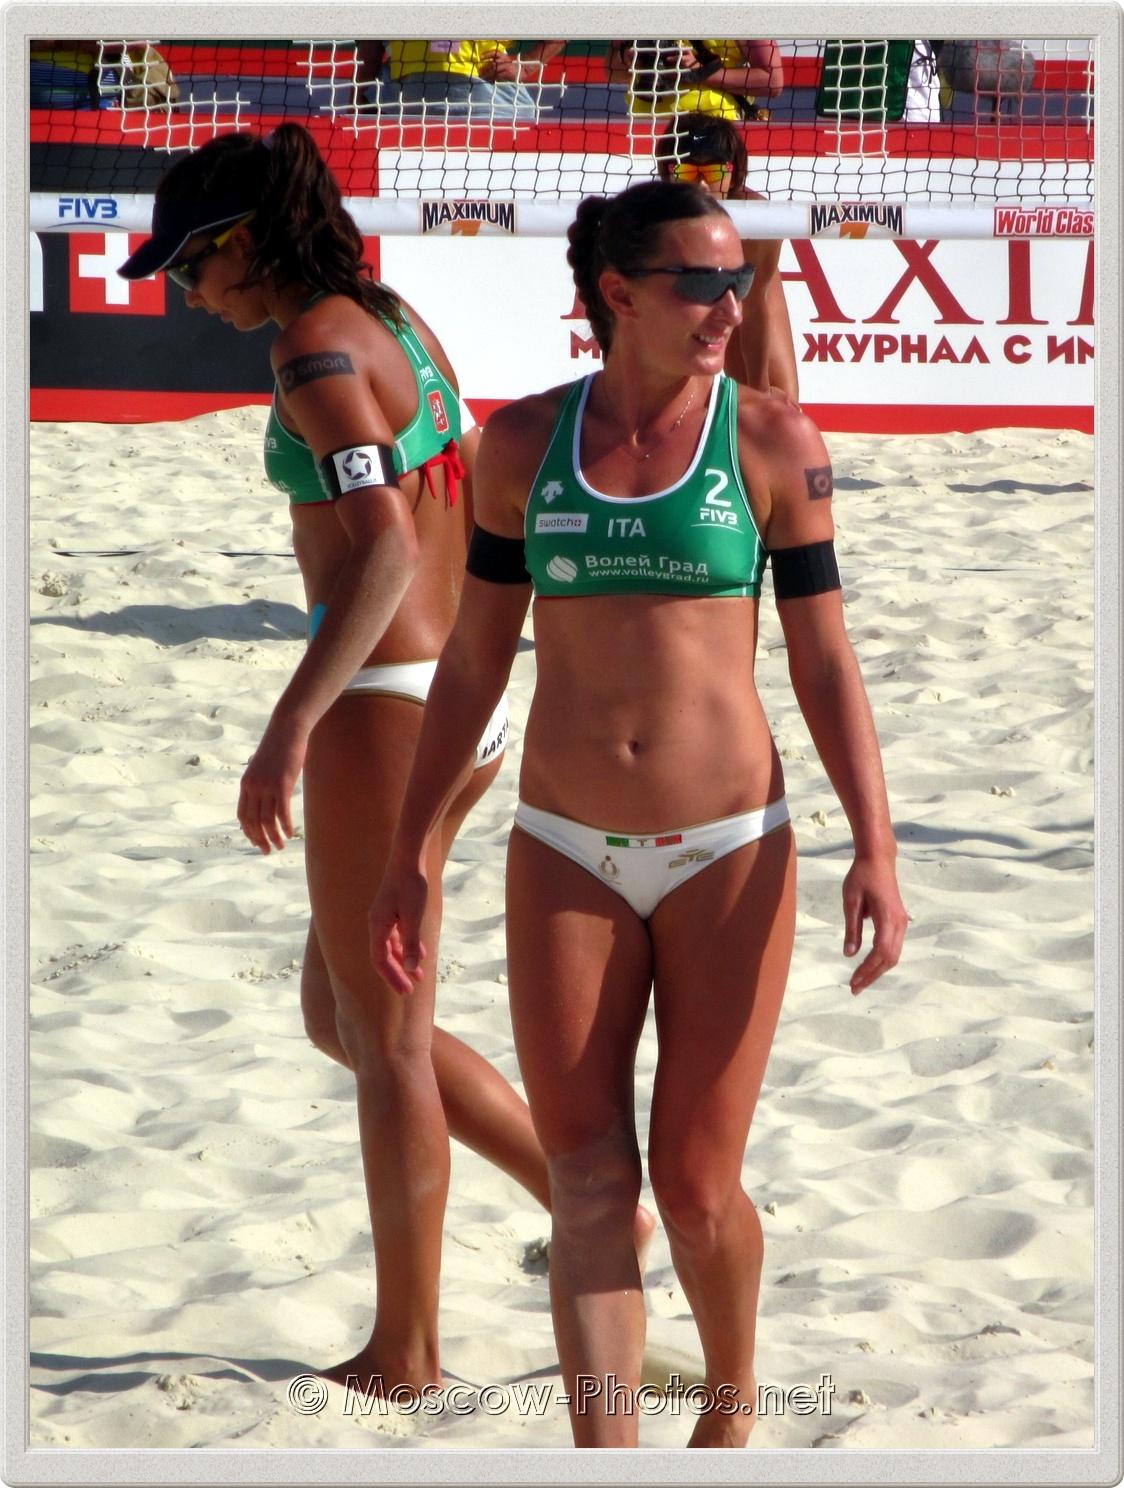 Hot Tanned Italian Girls - Marta Menegatti & Greta Cicolari